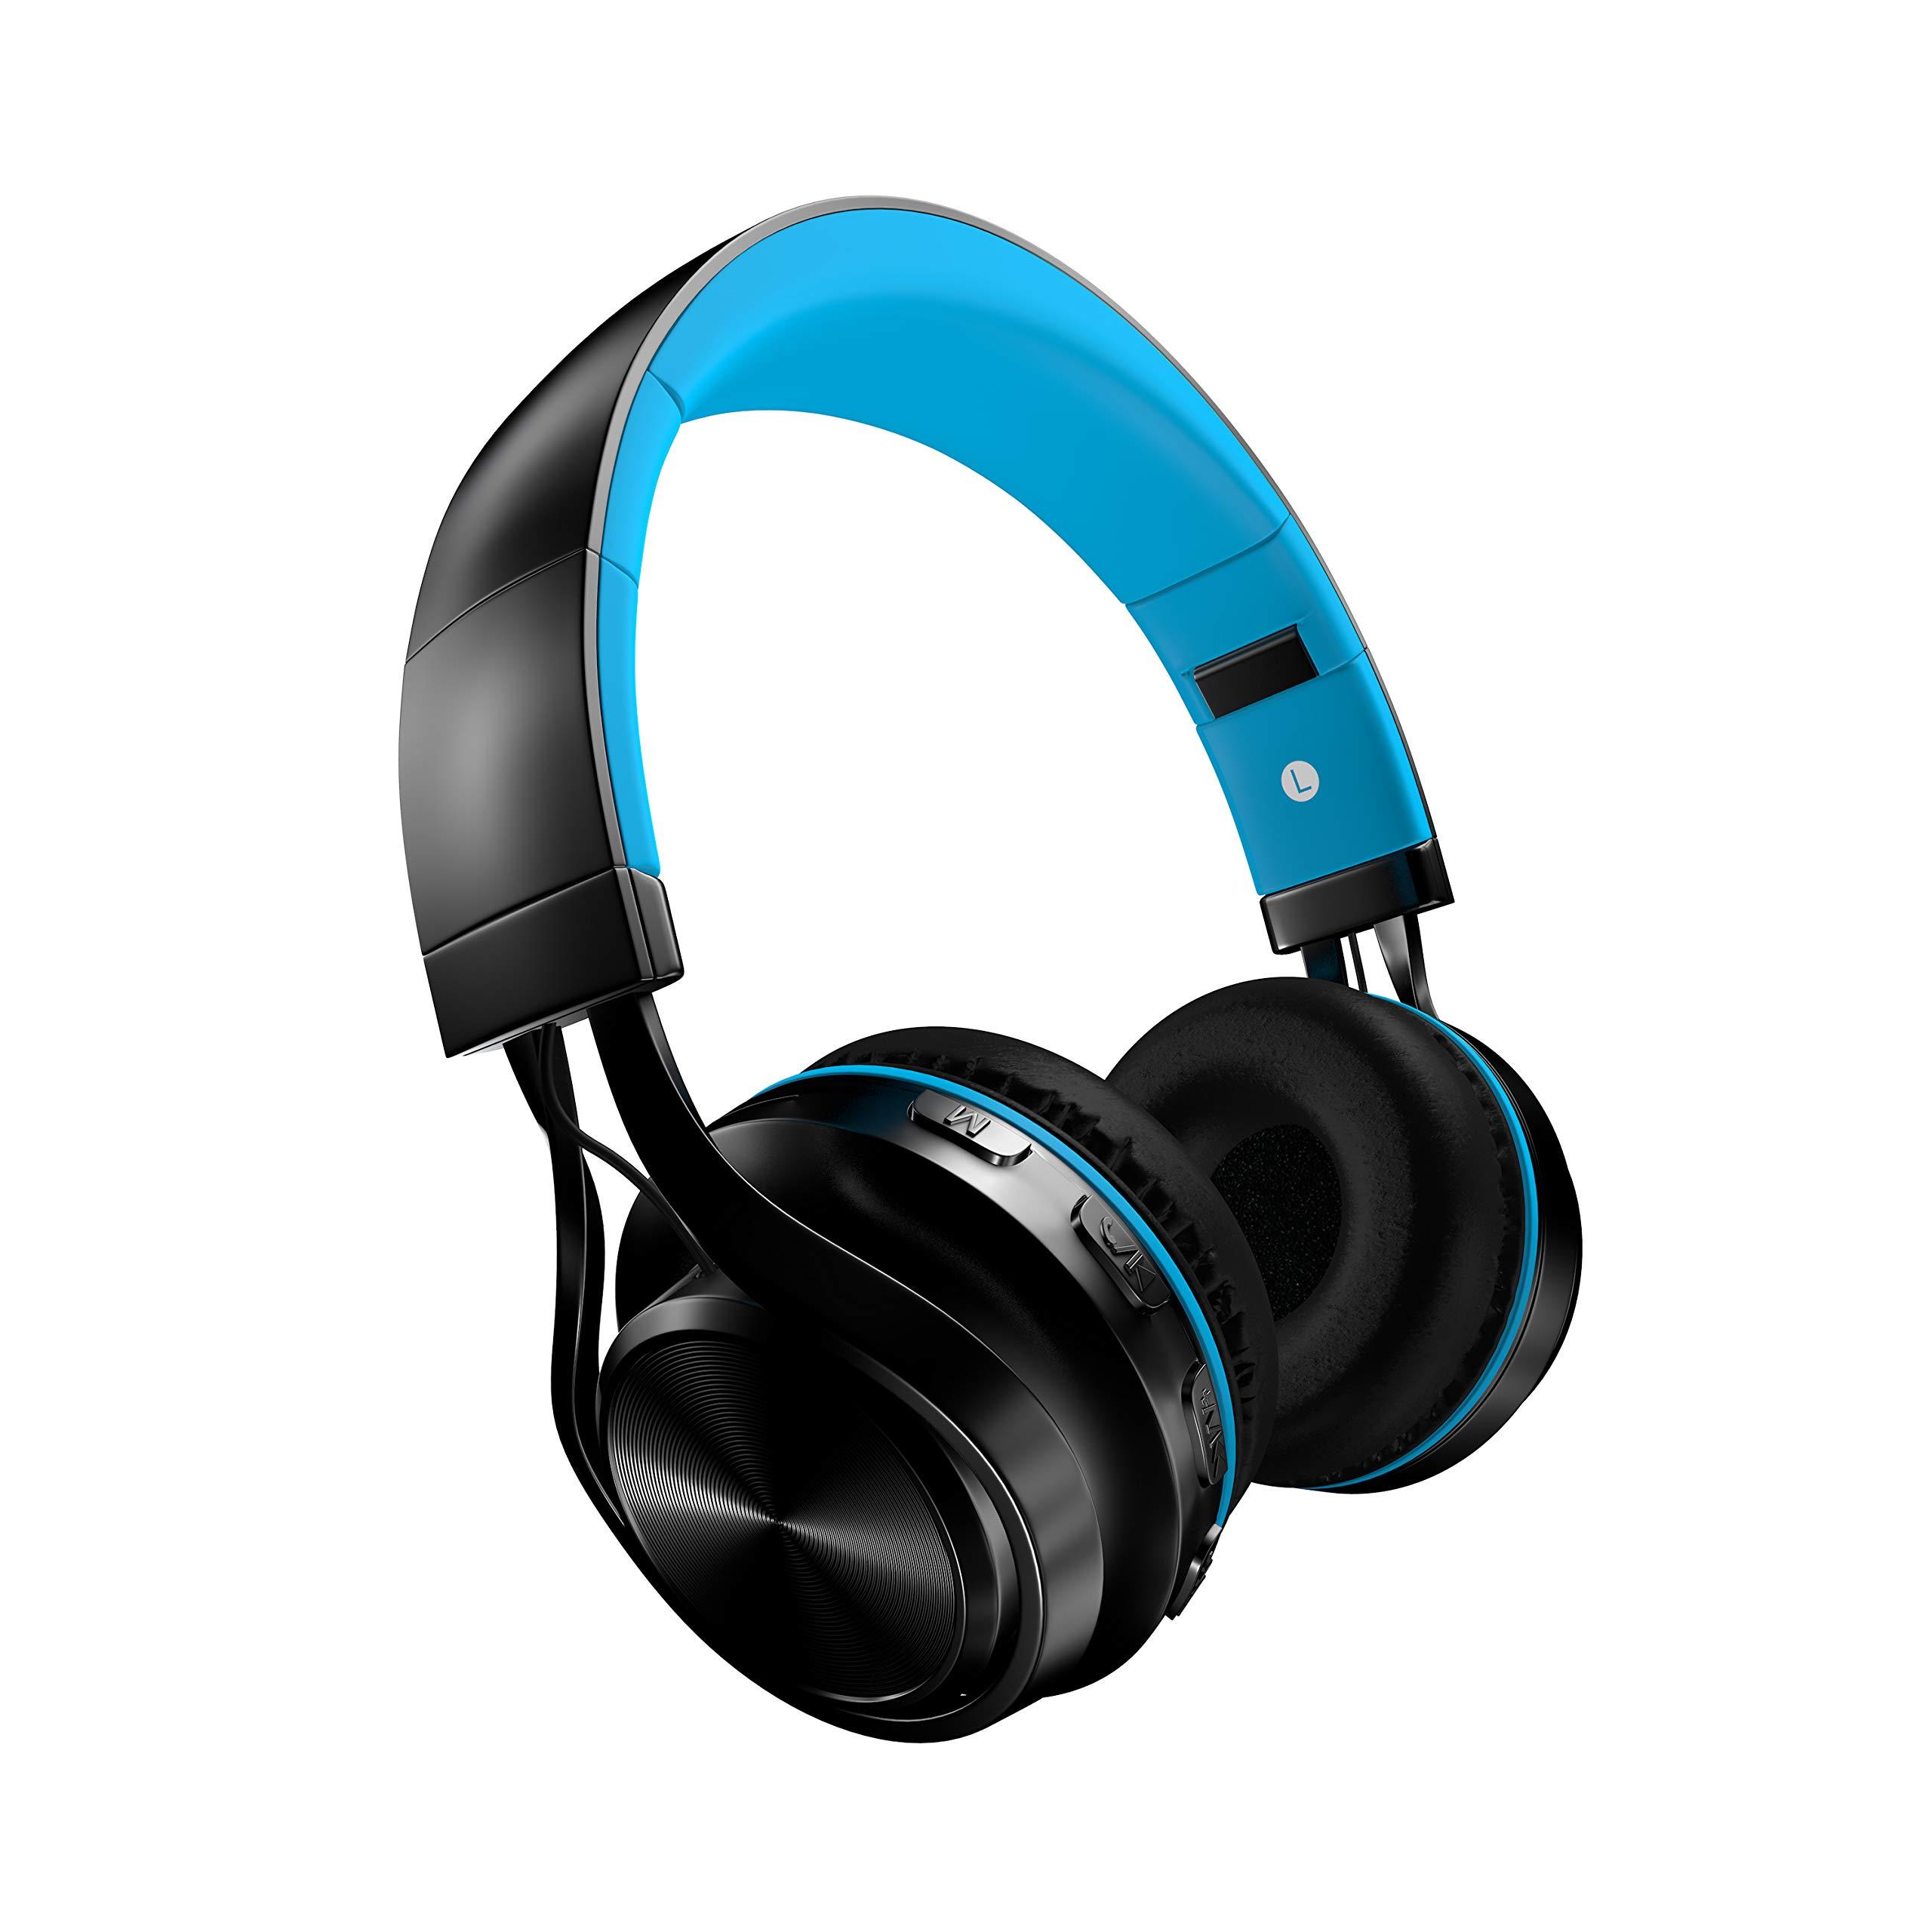 Cuffie Bluetooth senza fili con cancellazione attiva del rumore ... b46c8478b90a